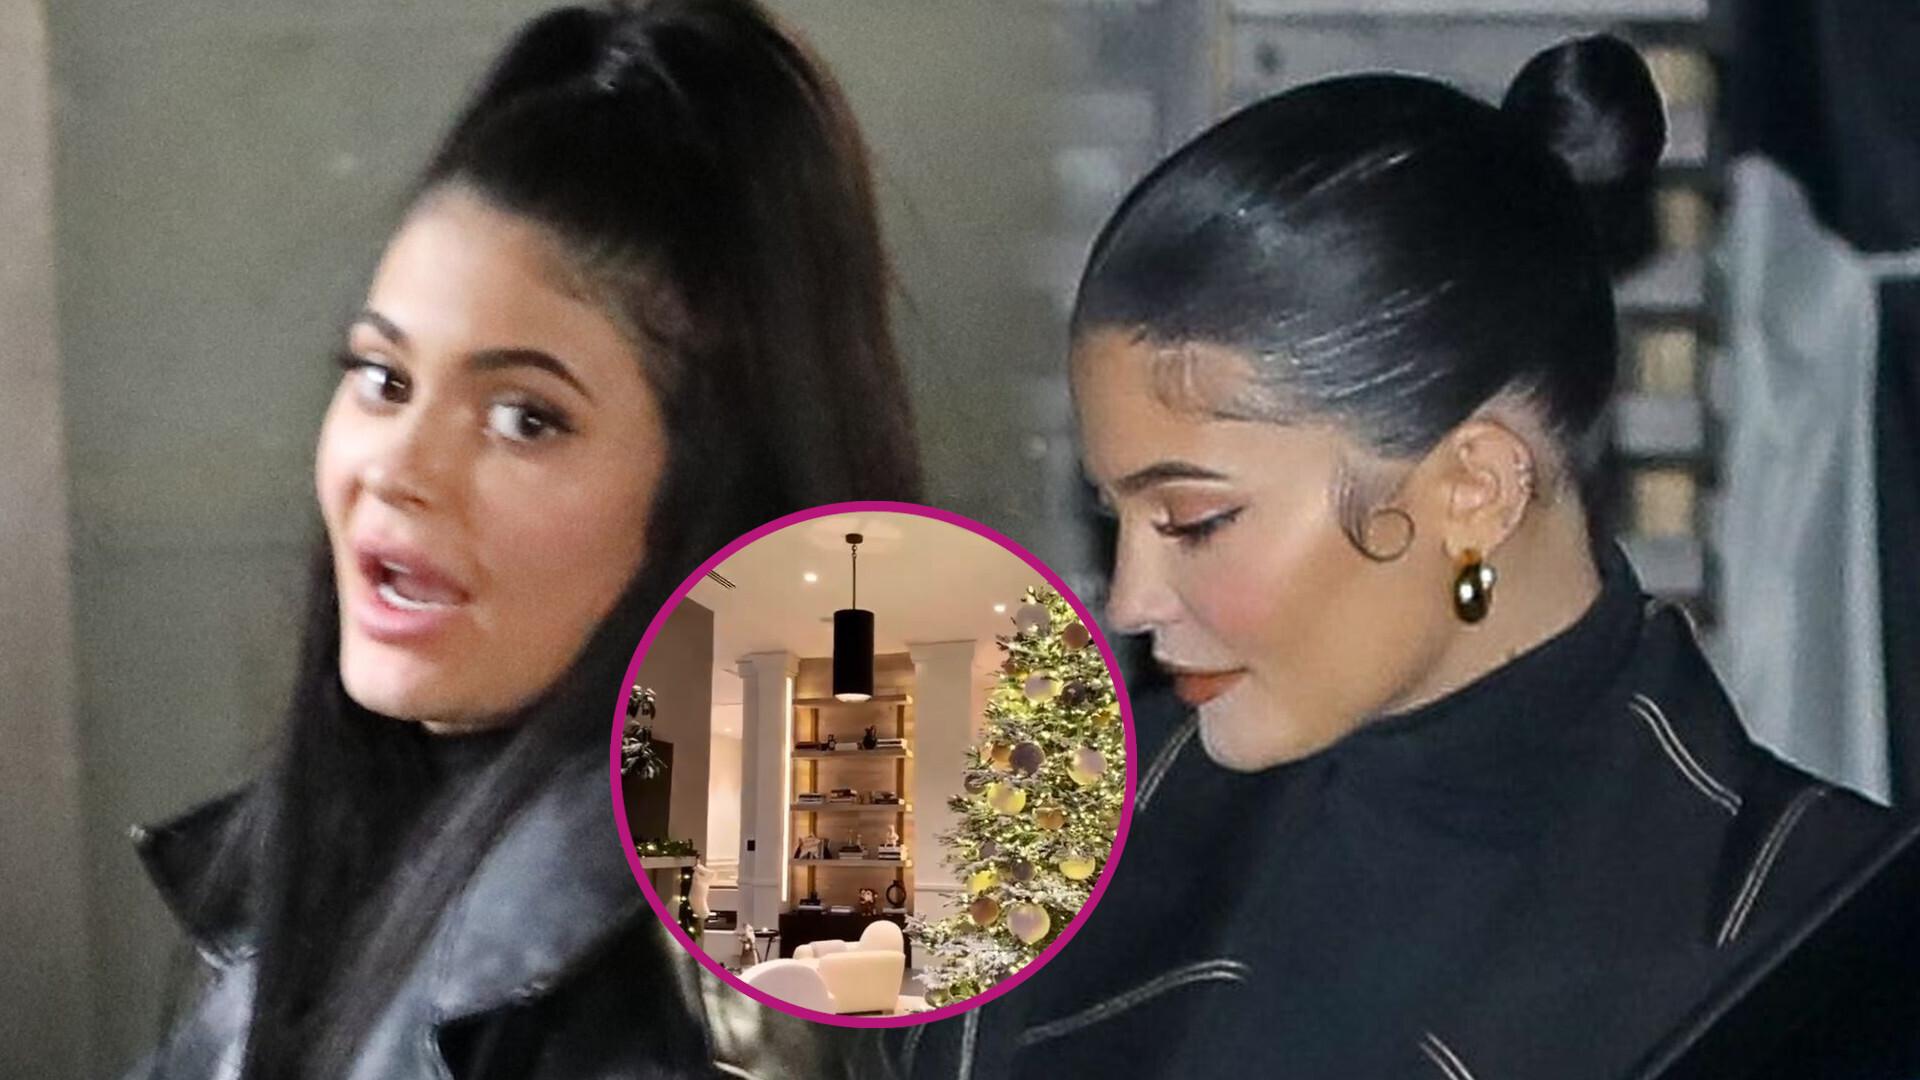 Dekoracje świąteczne w willi Kylie Jenner. Kilkumetrowa choinka, oświetlona palma i misie polarne